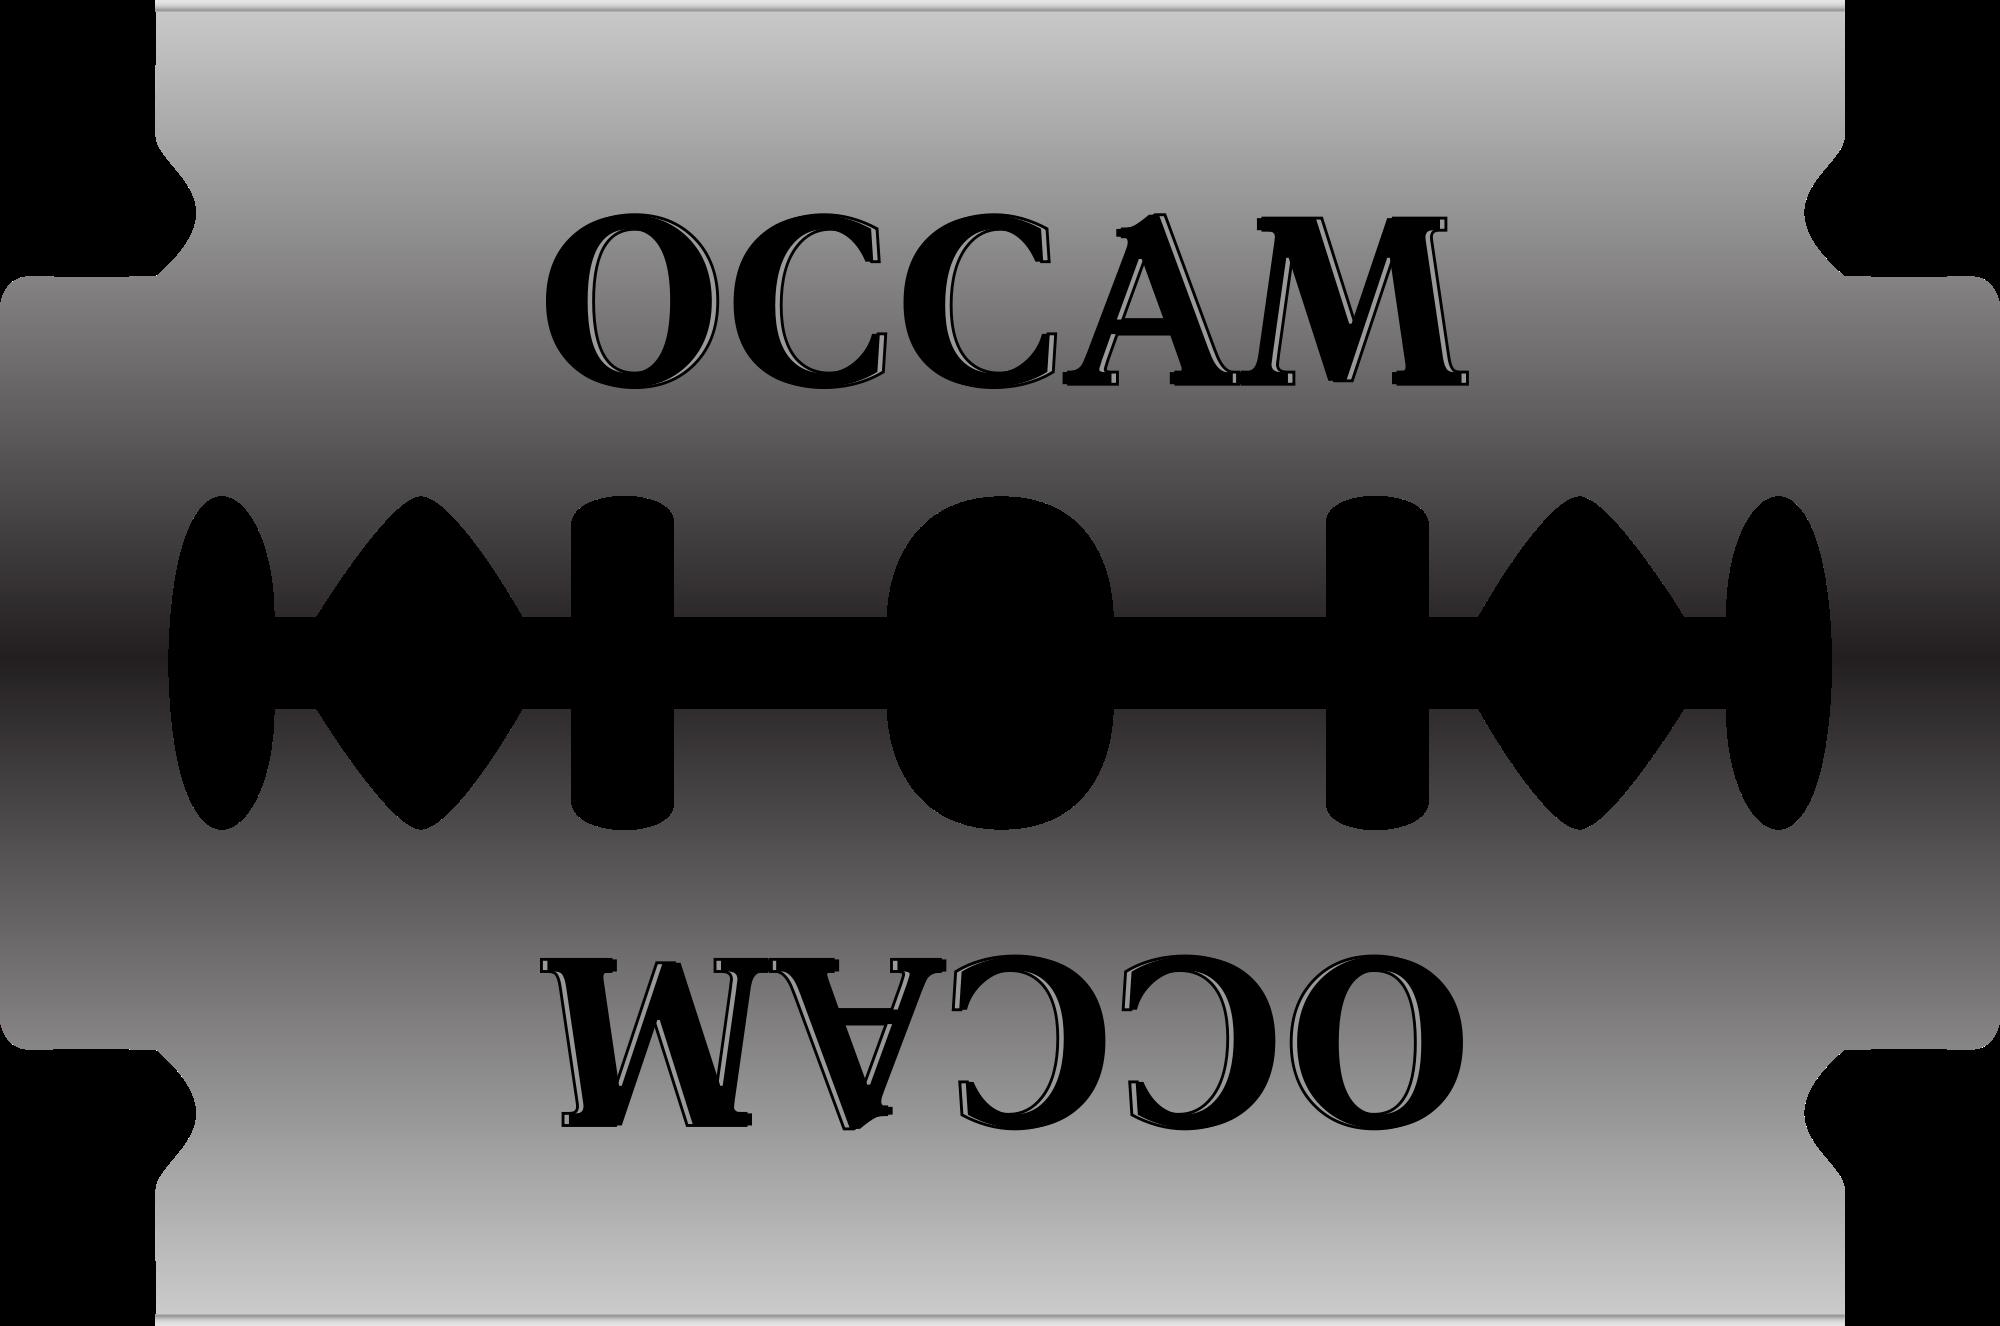 Occam's razor reaffirms Purposeful Primitiveness